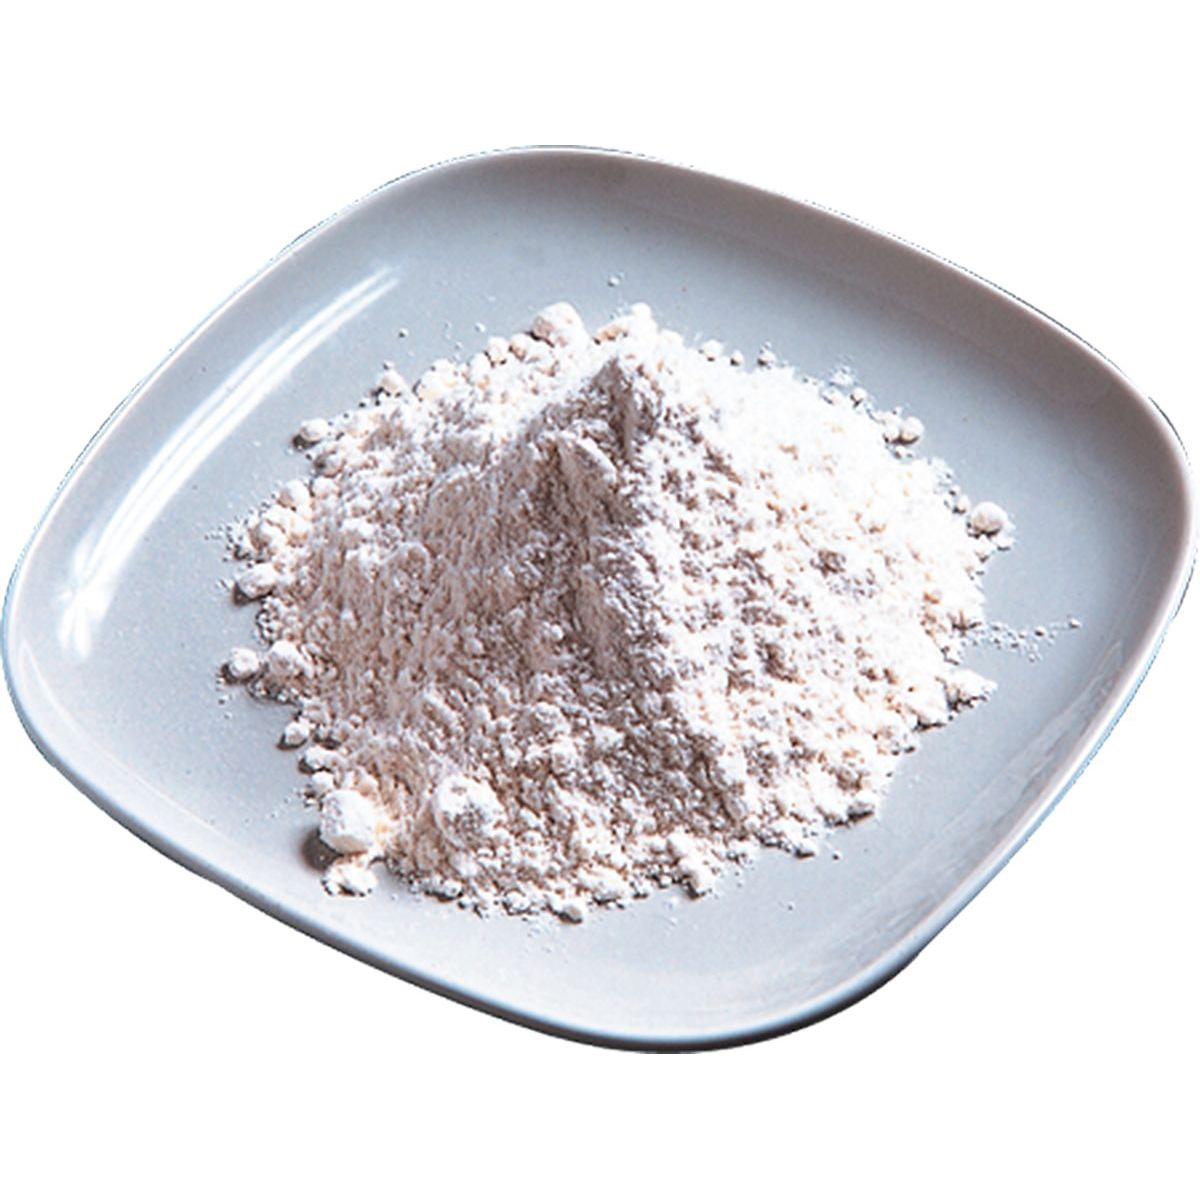 食譜:胡椒鹽粉